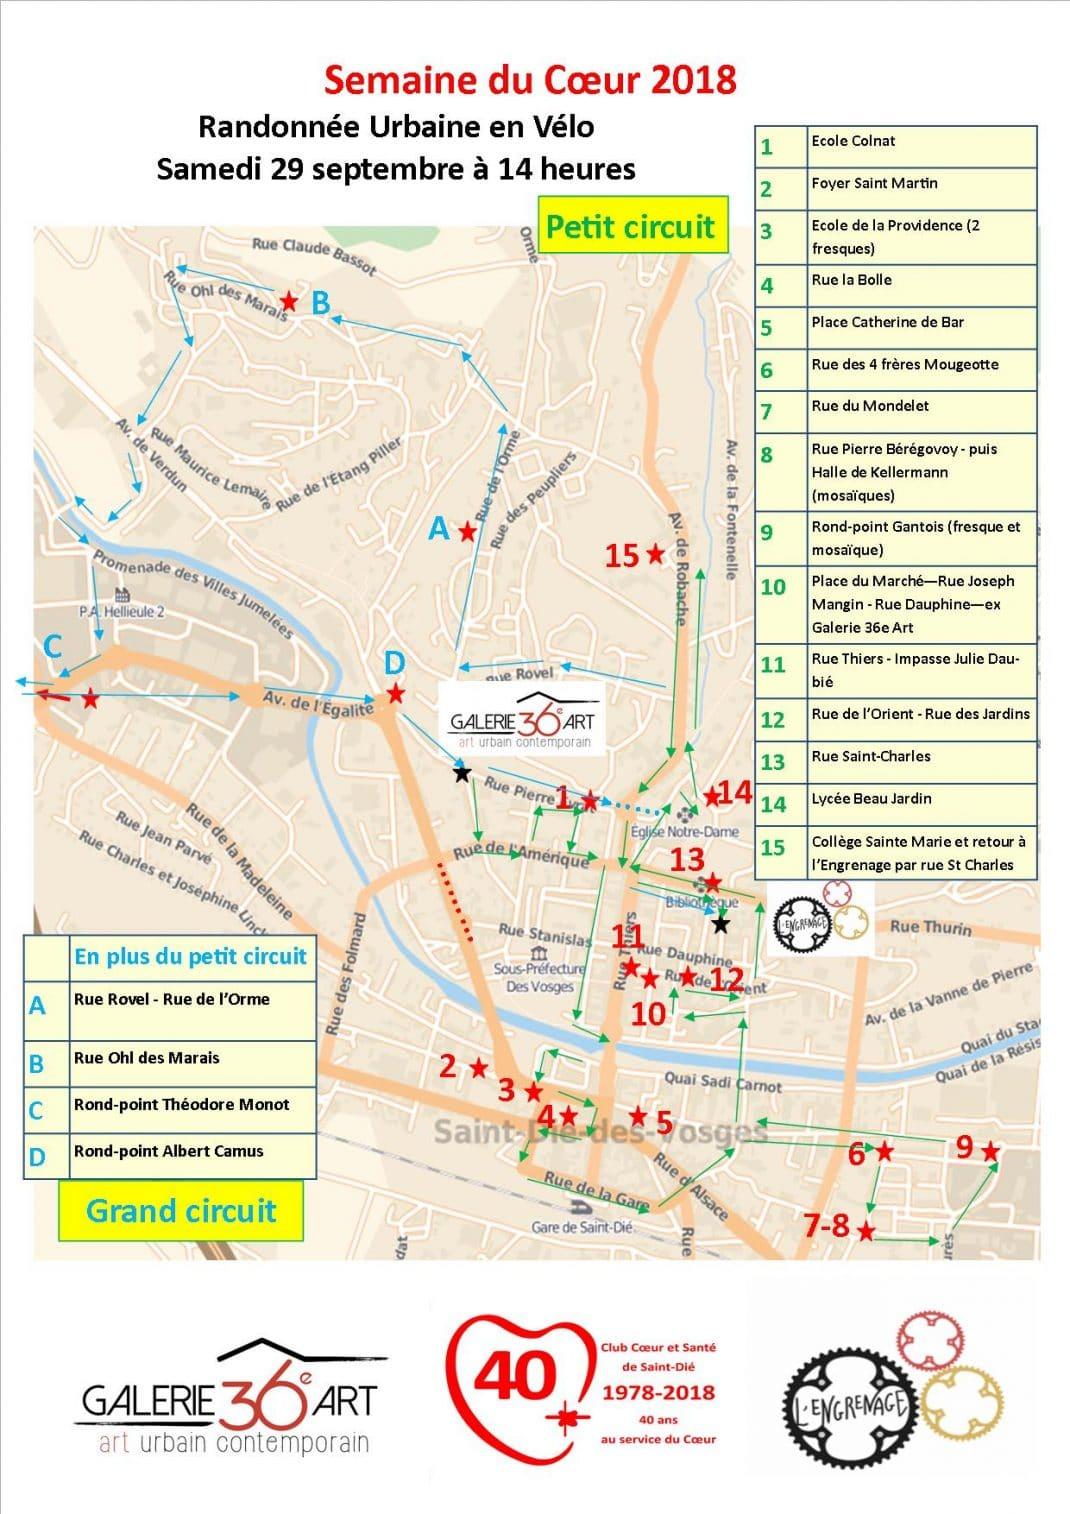 Carte des Circuits de la Randonnée Urbaine en Vélo